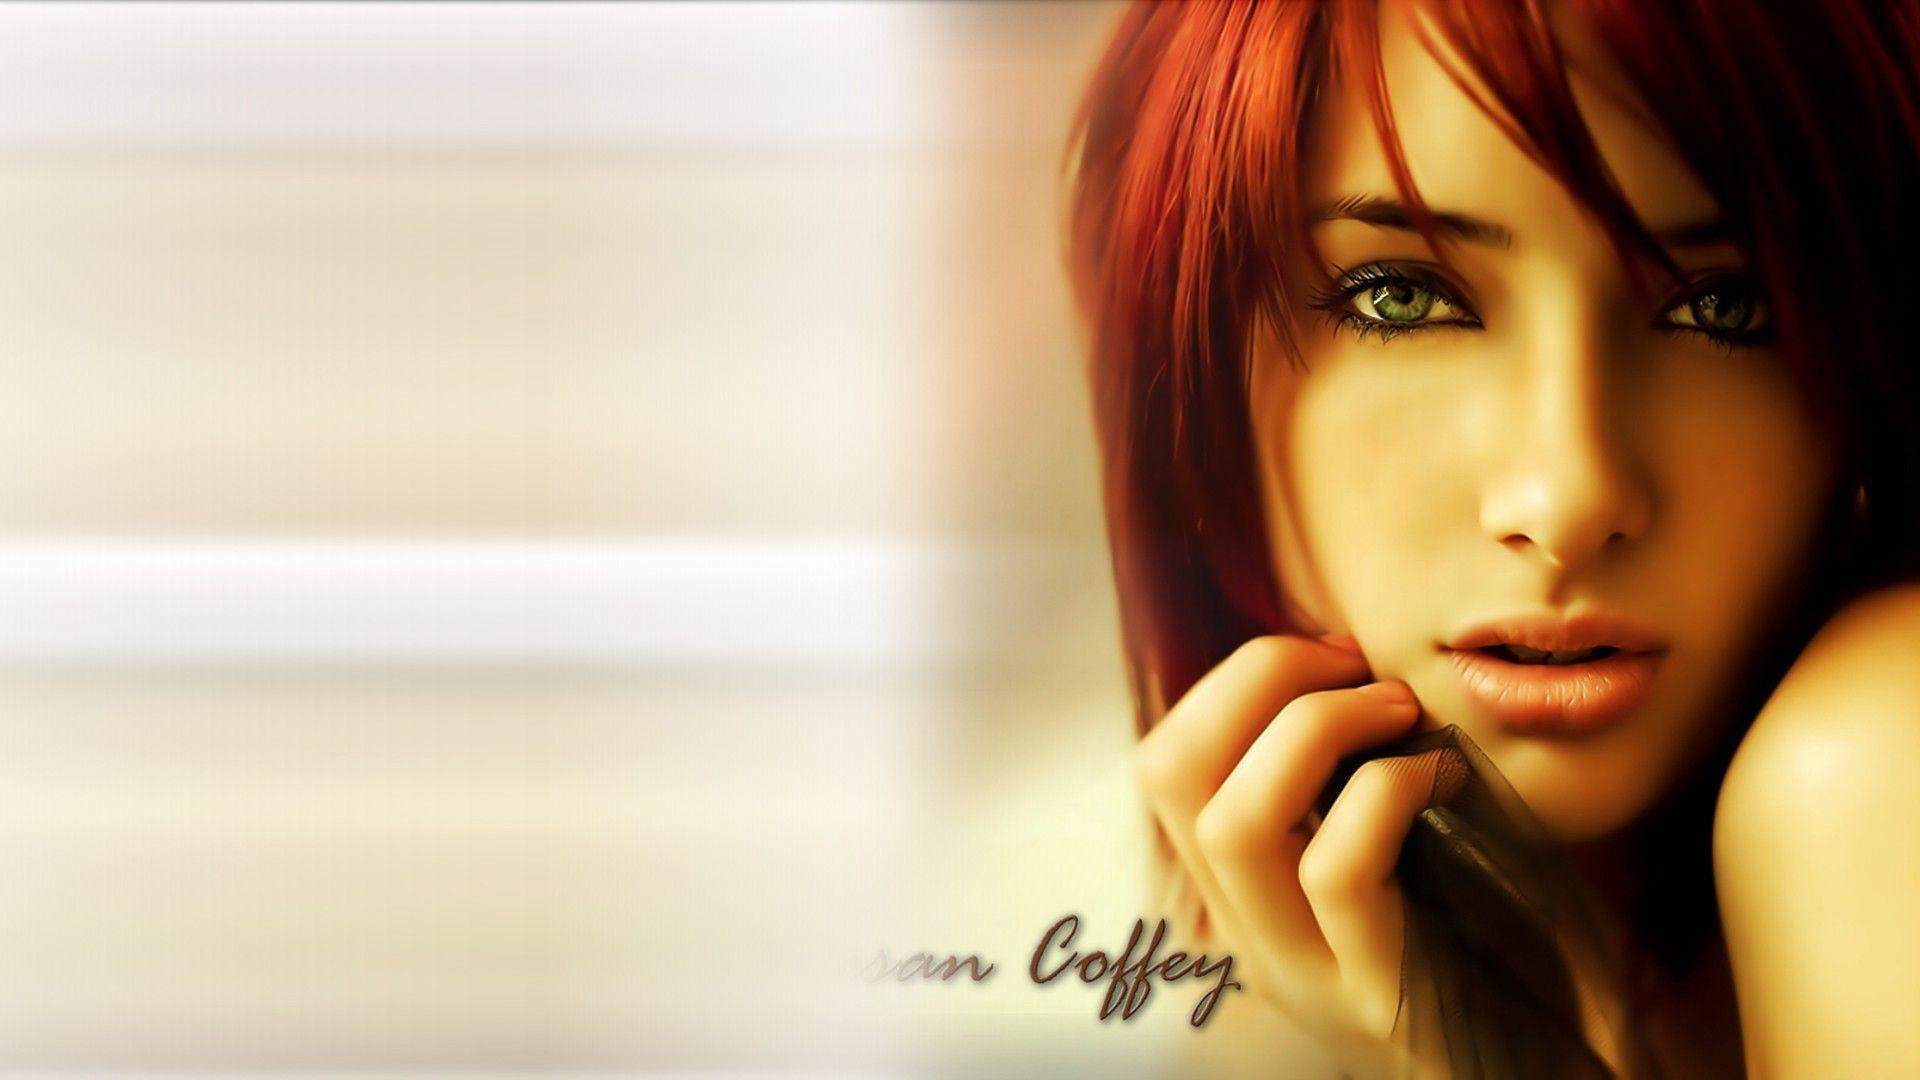 high definition susan coffey wallpaper - hd widescreen backgrounds